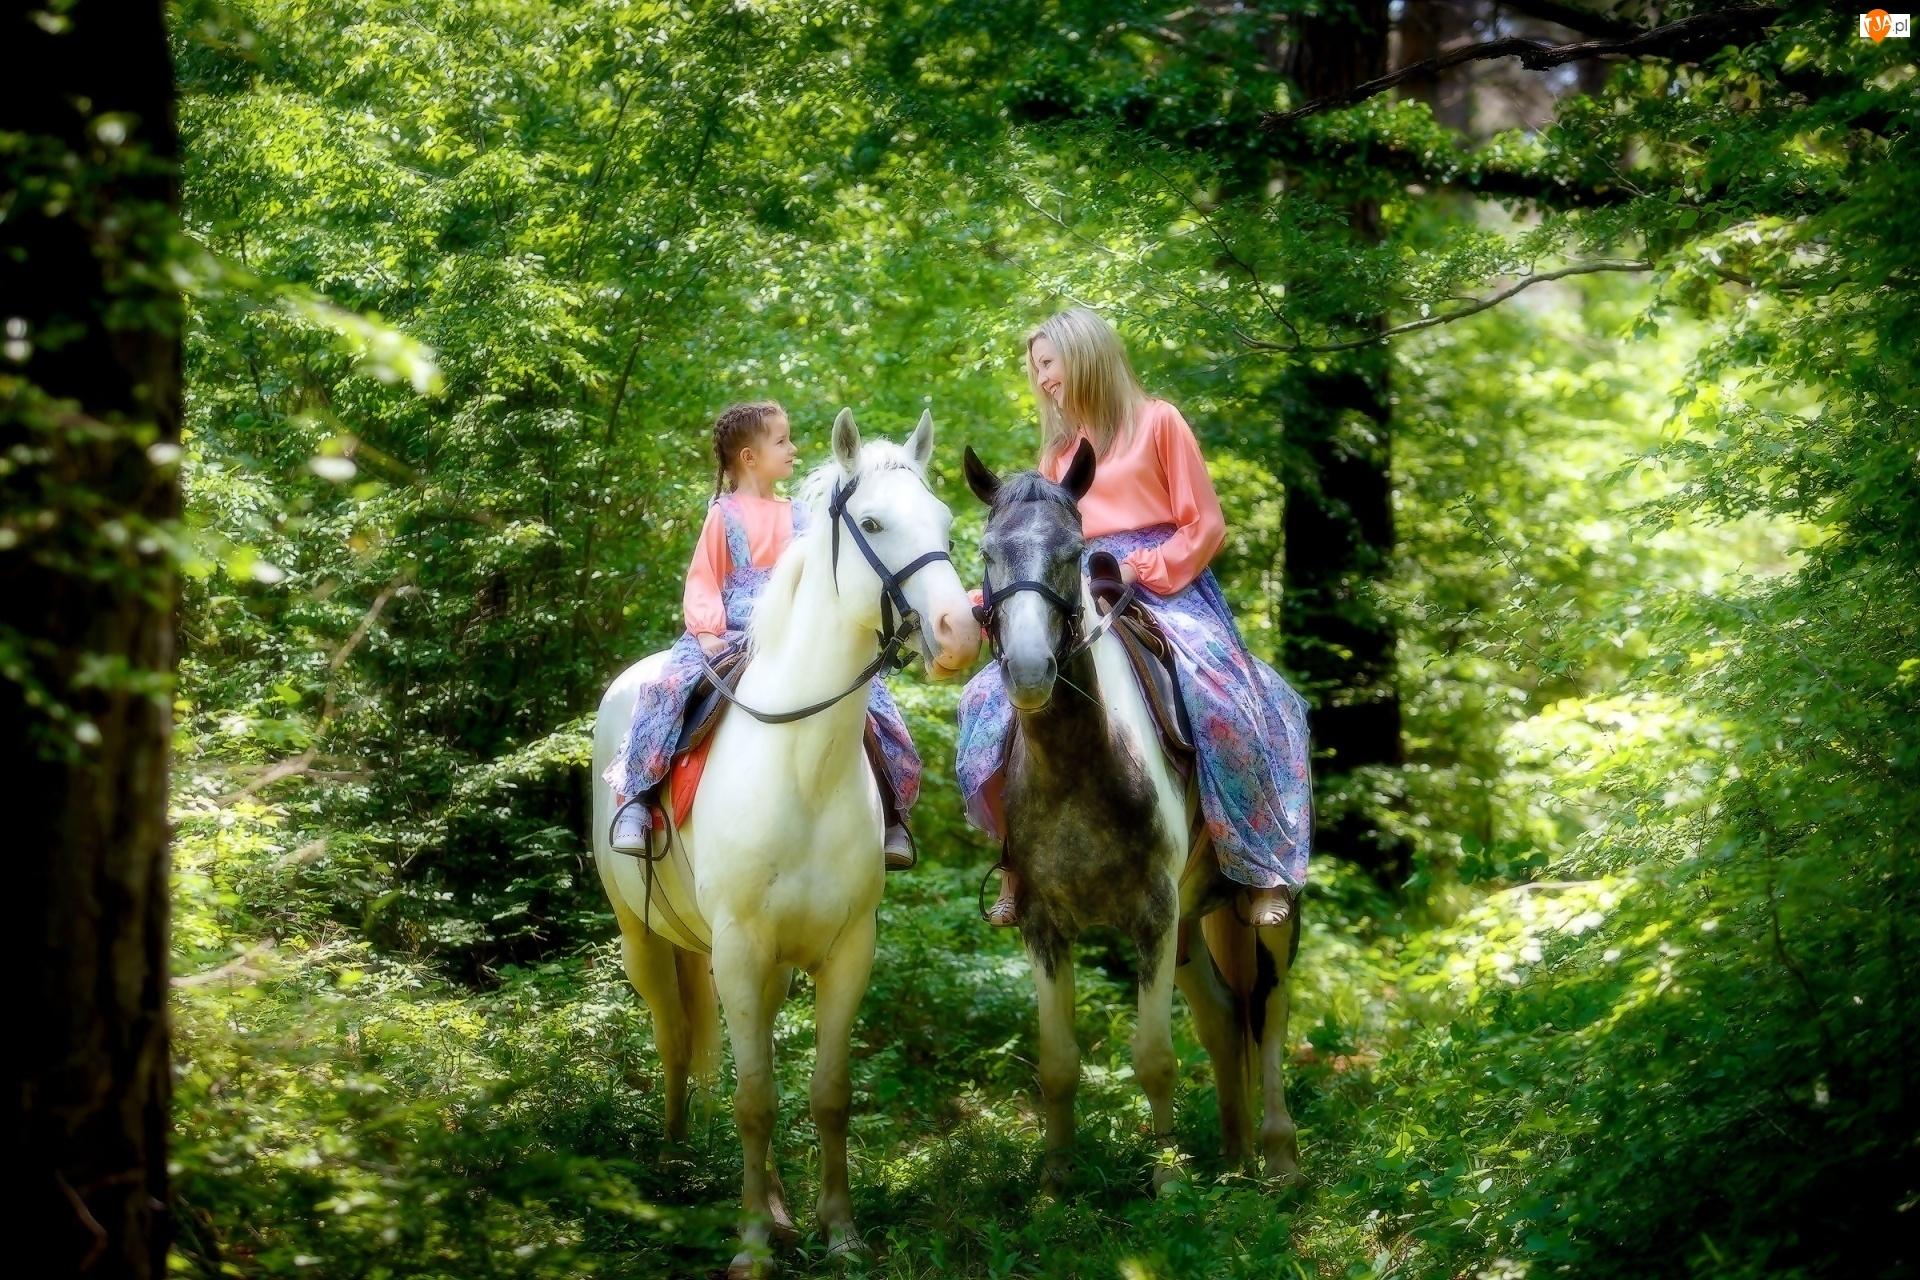 Kobieta, Las, Dziewczynka, Konie